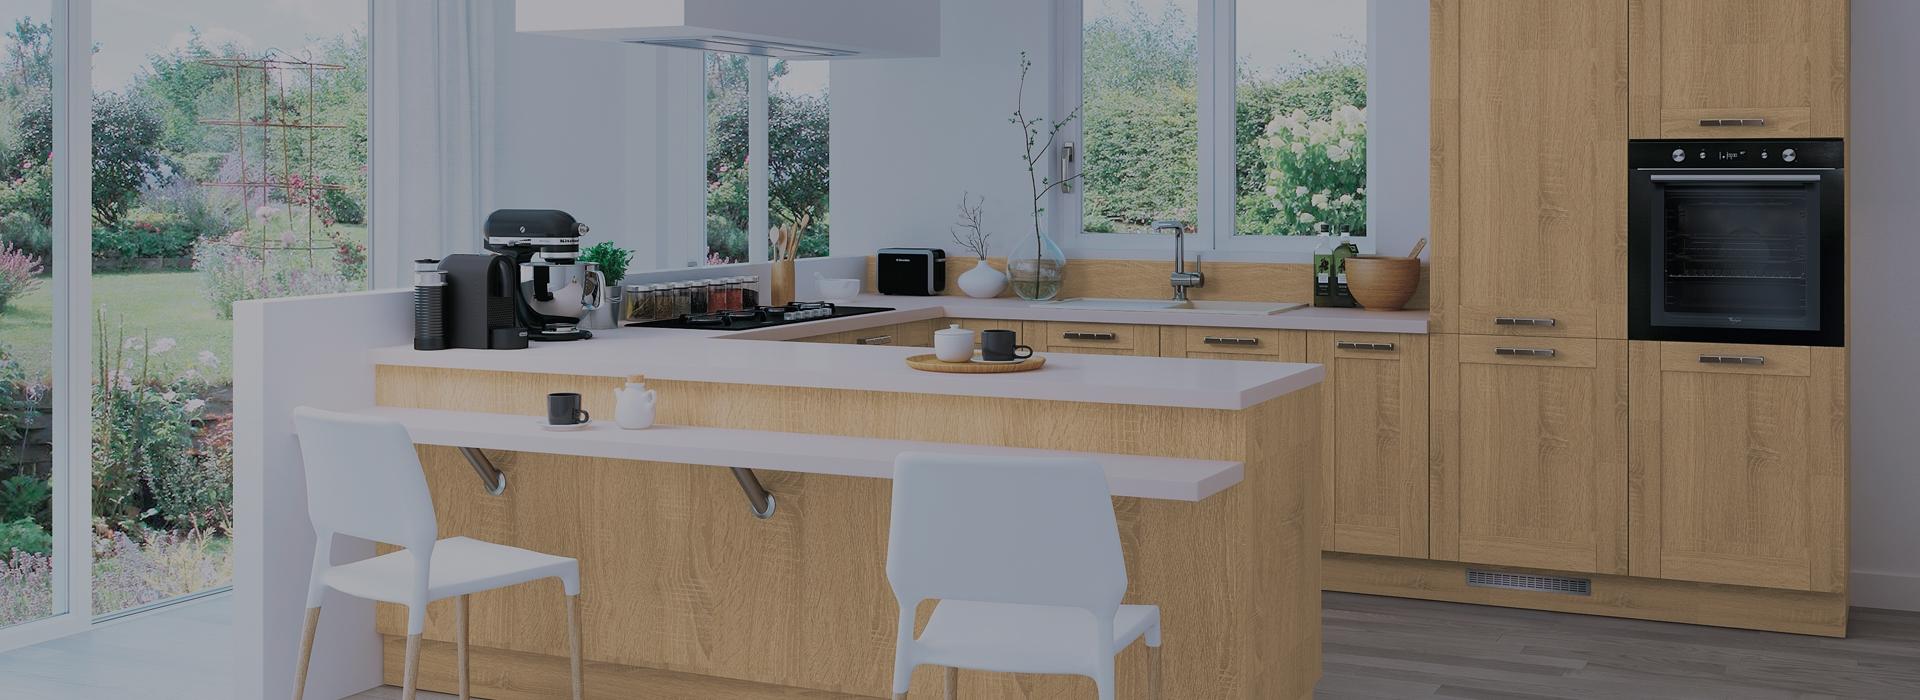 Tendance des cuisines aux fa ades en bois clairs et bois - Oxybul cuisine en bois ...